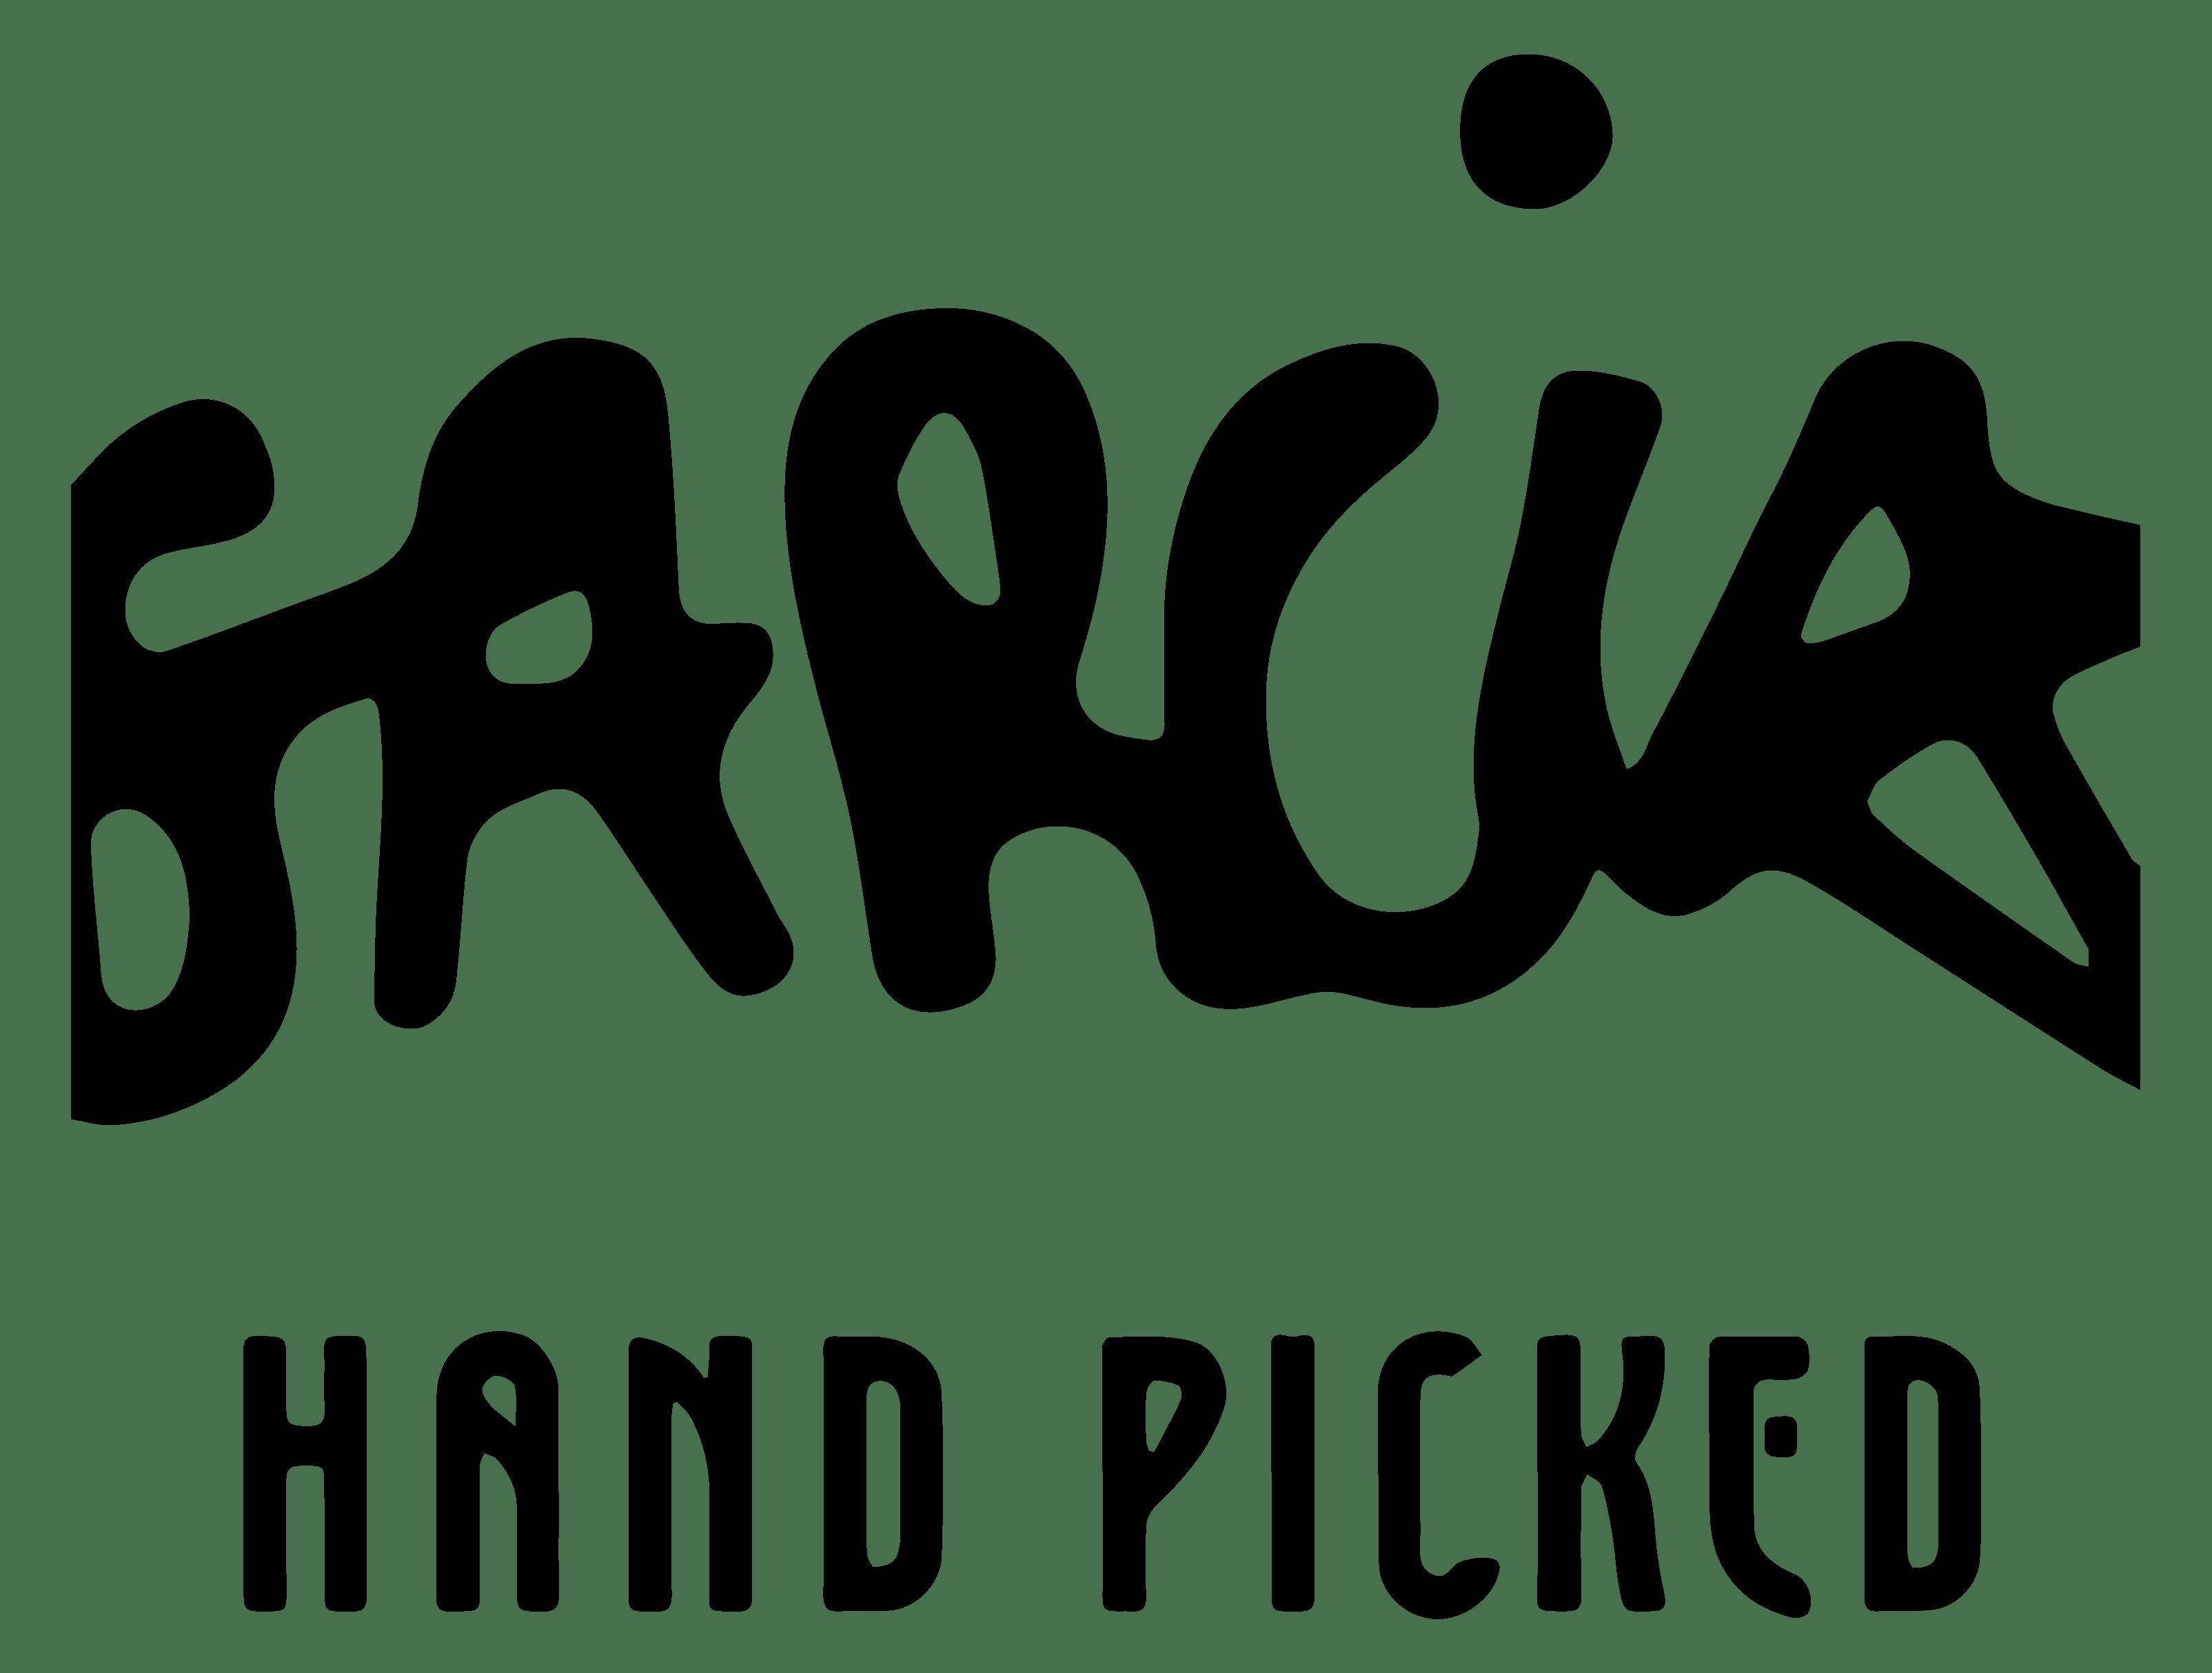 garcia-handpicked-logo